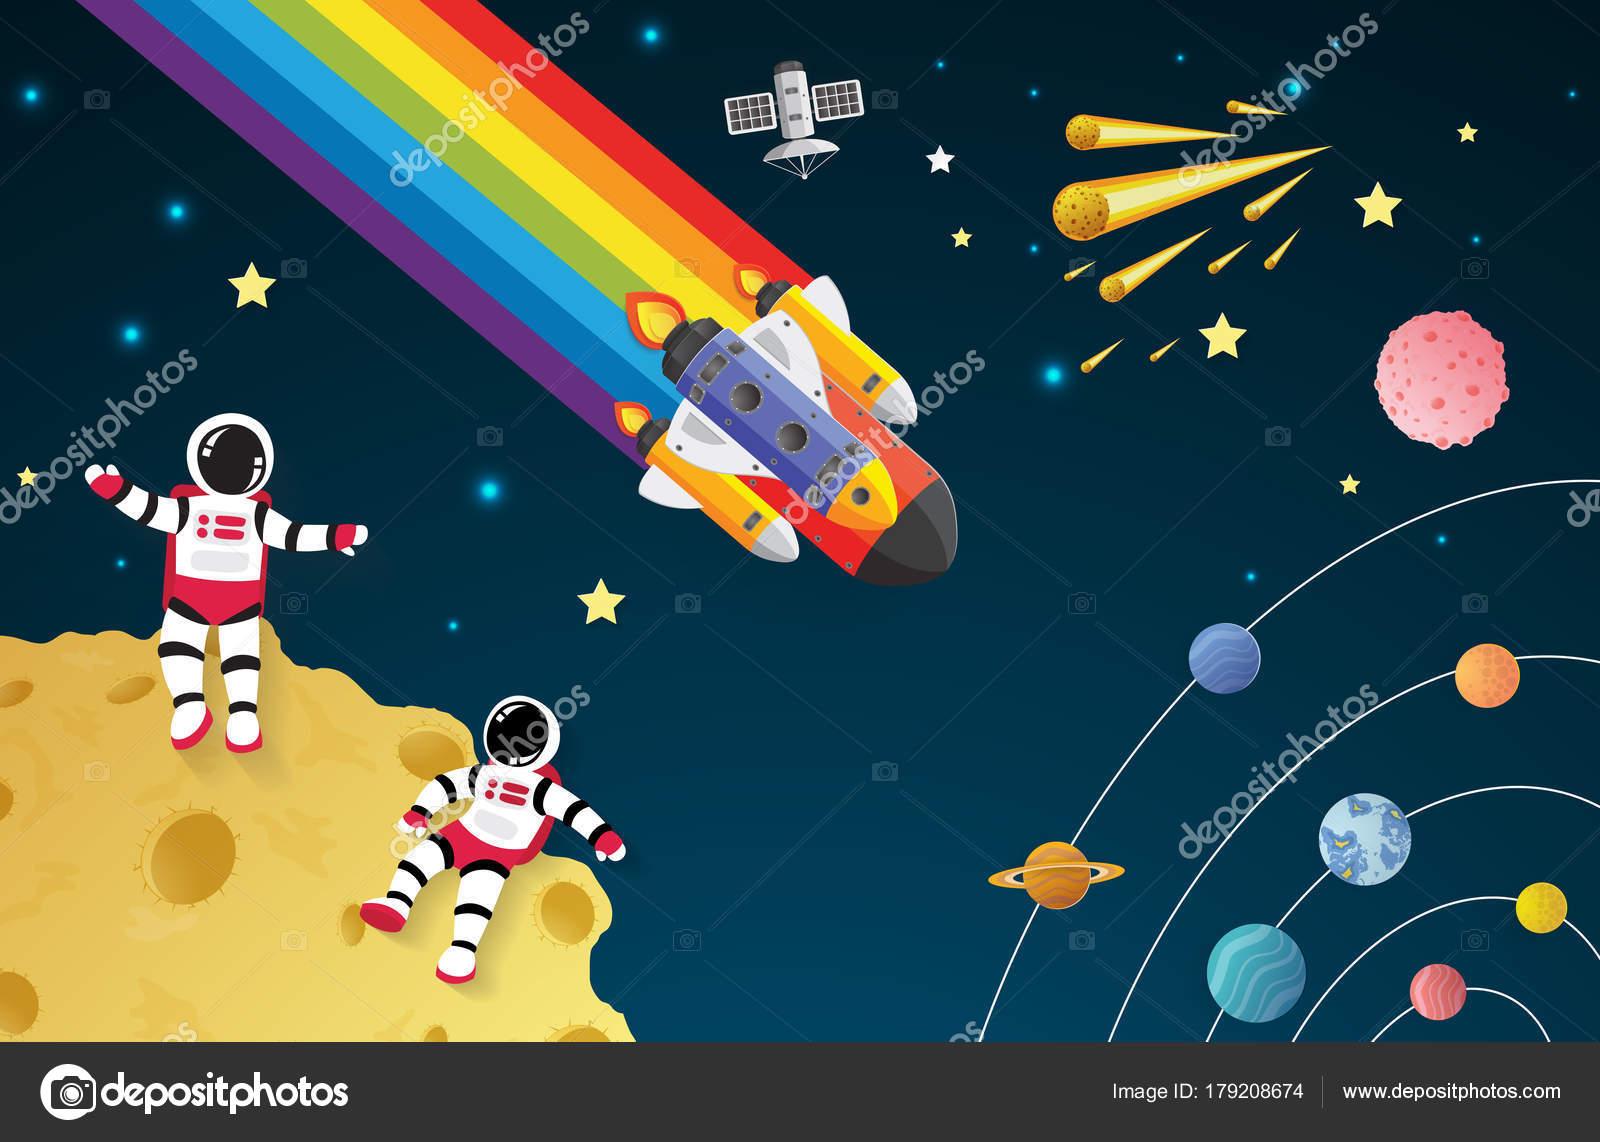 Niño Astronauta En El Espacio: Nave Espacial Ninos Astronautas En Caricatura